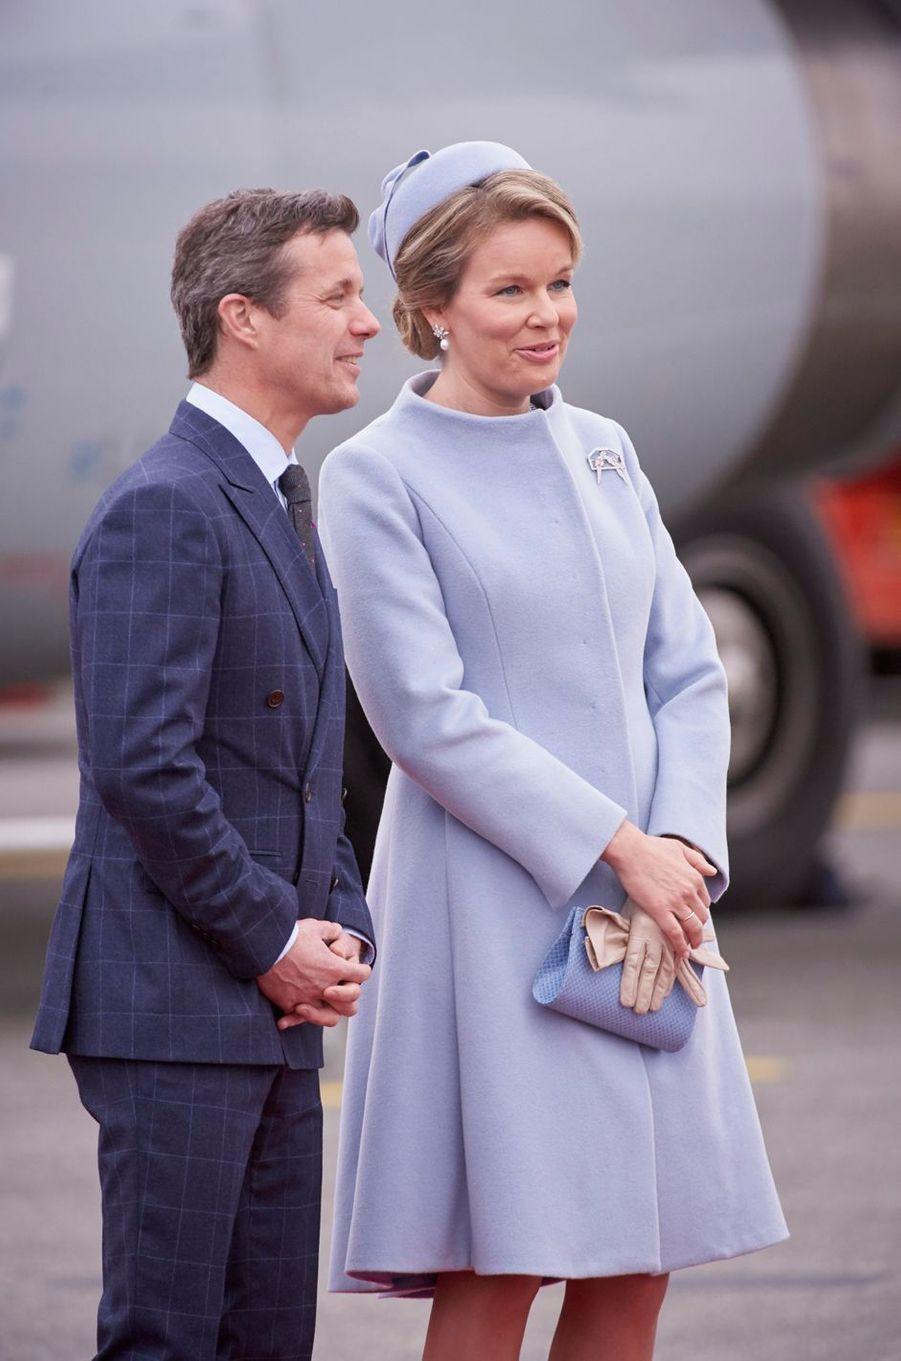 La reine Mathilde de Belgique et le prince Frederik de Danemark à Copenhague, le 28 mars 2017